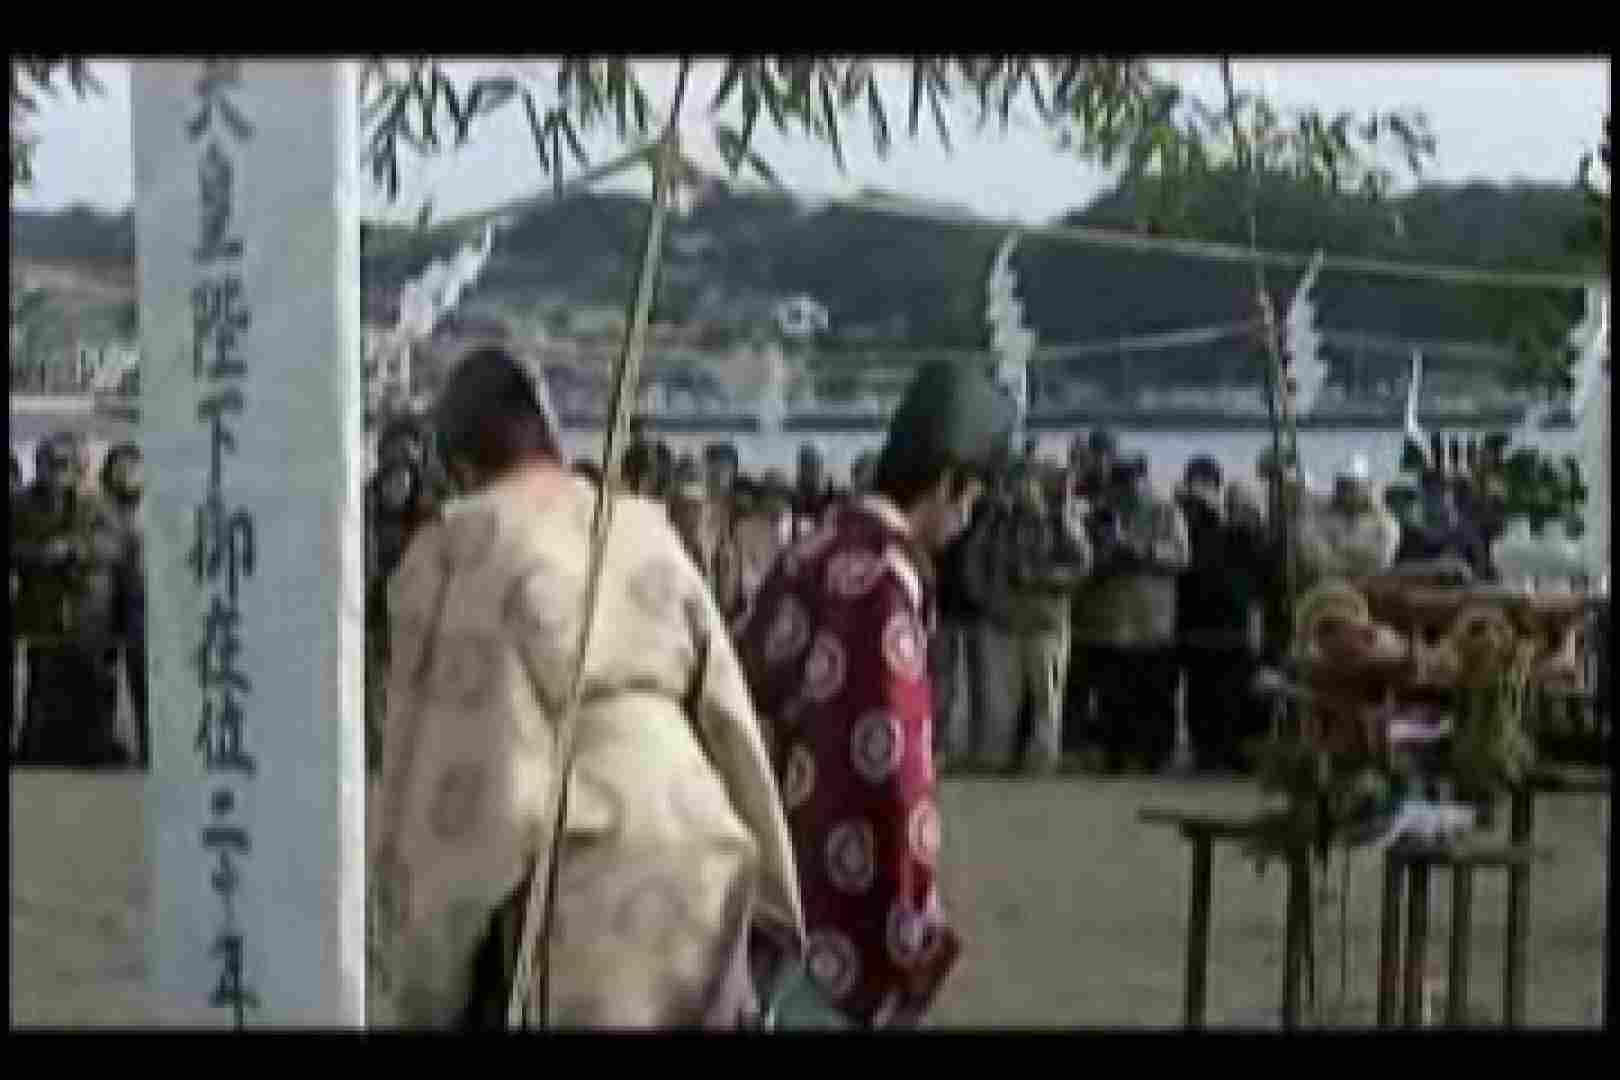 陰間茶屋 男児祭り VOL.1 野外露出 ゲイ素人エロ画像 66枚 39